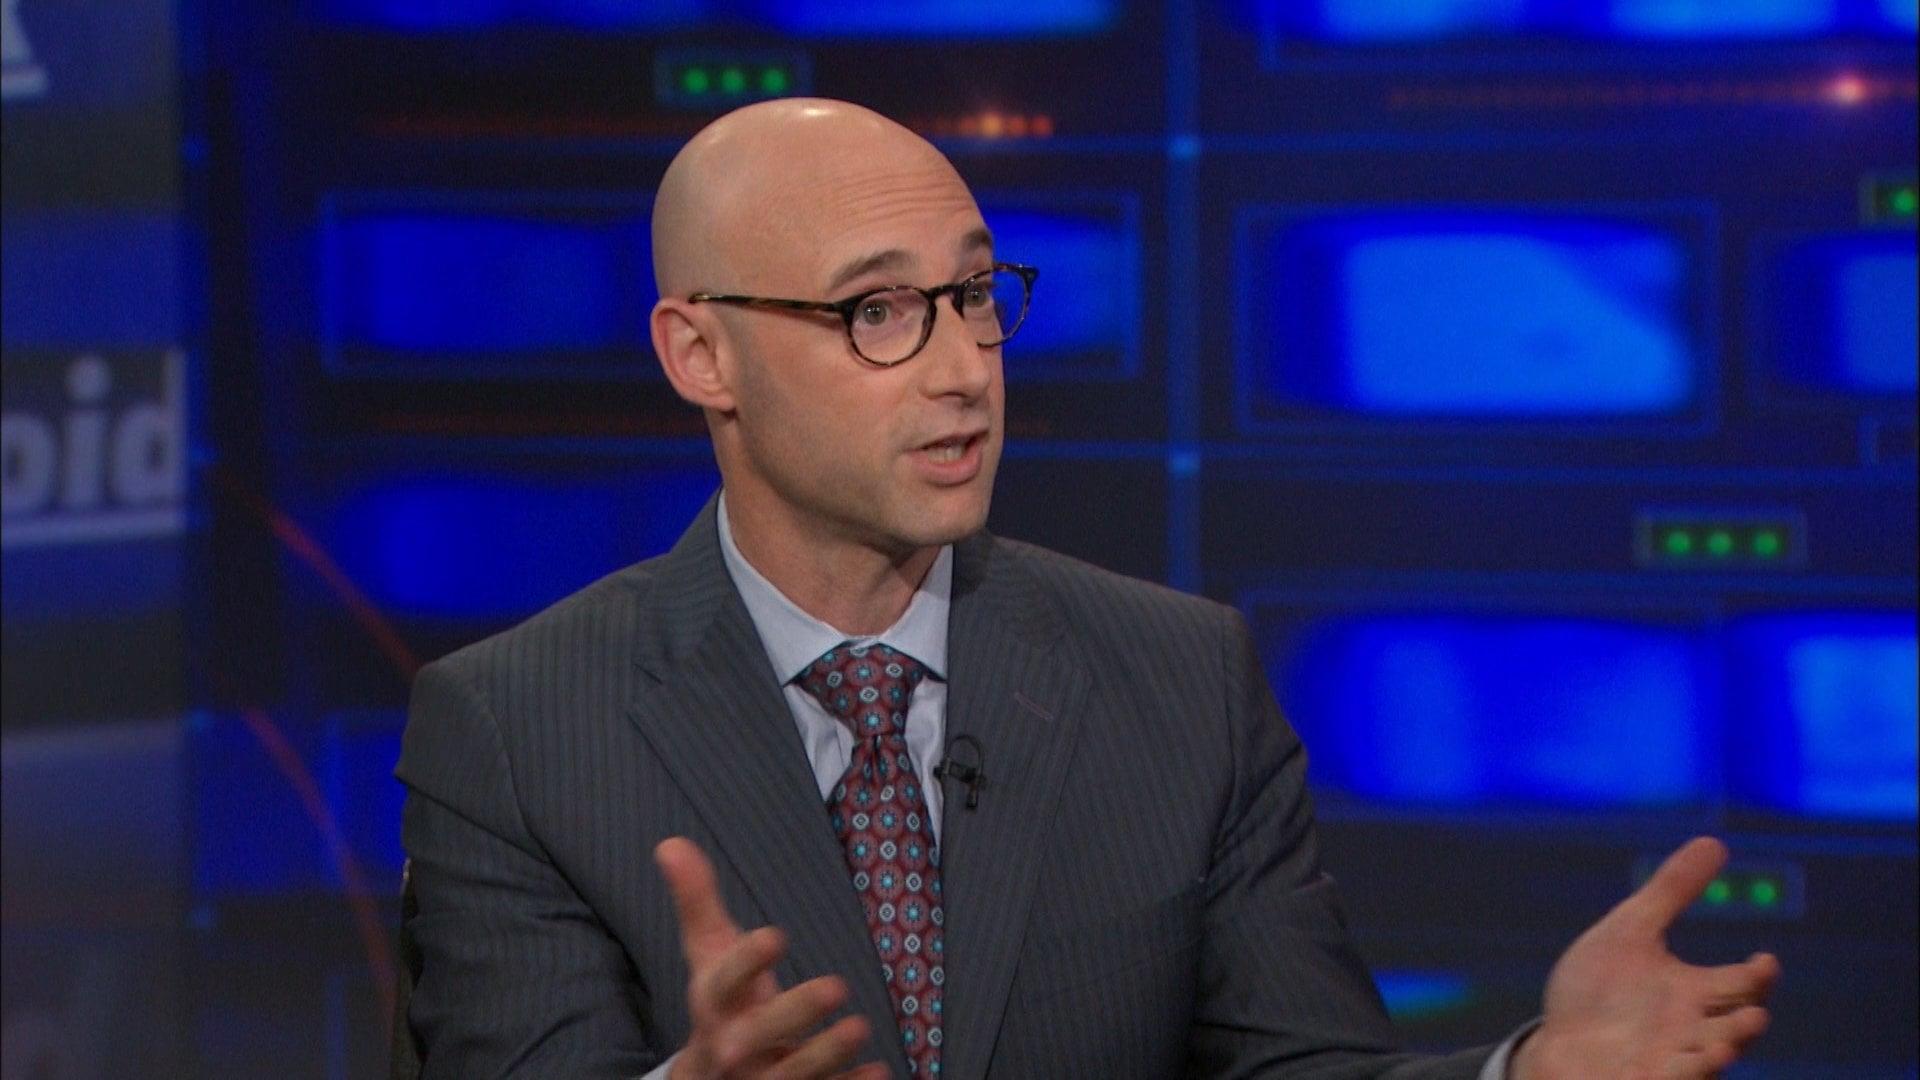 The Daily Show with Trevor Noah Season 20 :Episode 9  Matt Bai